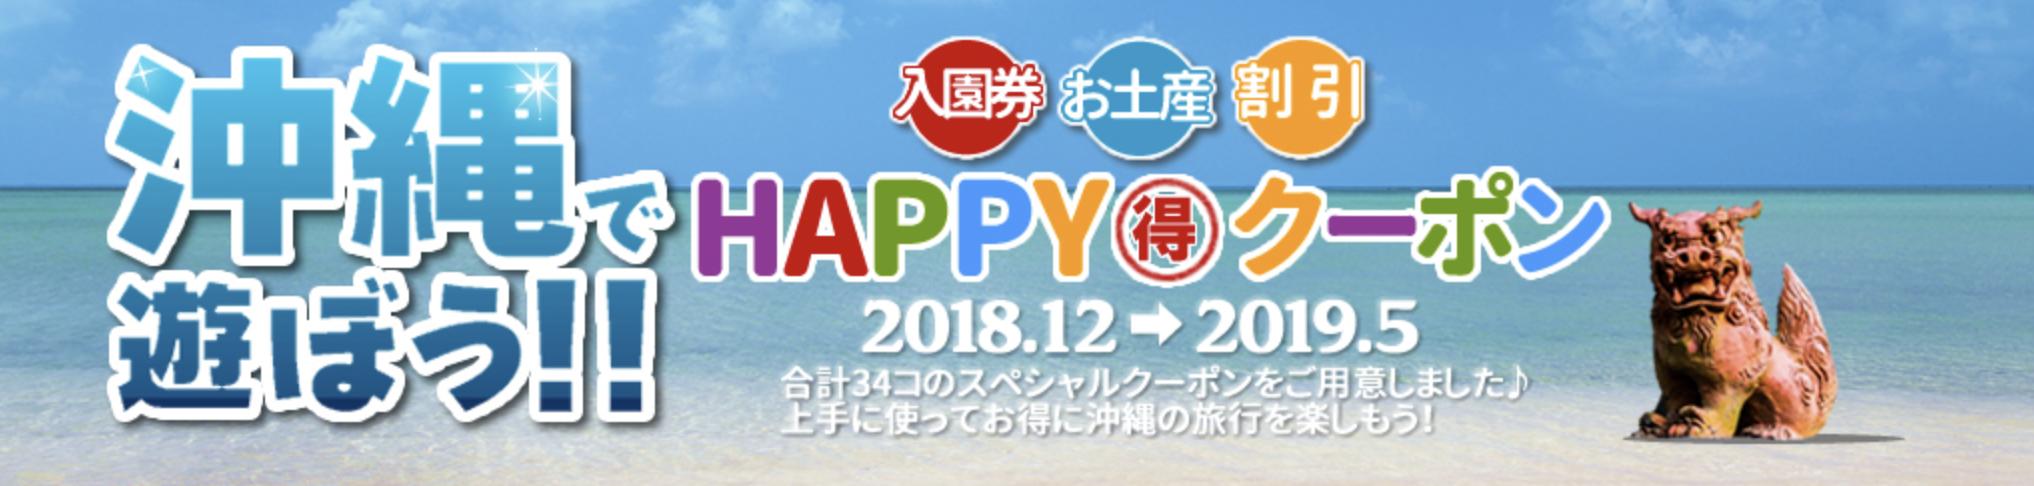 ANAスカイツアーズ沖縄のクーポン